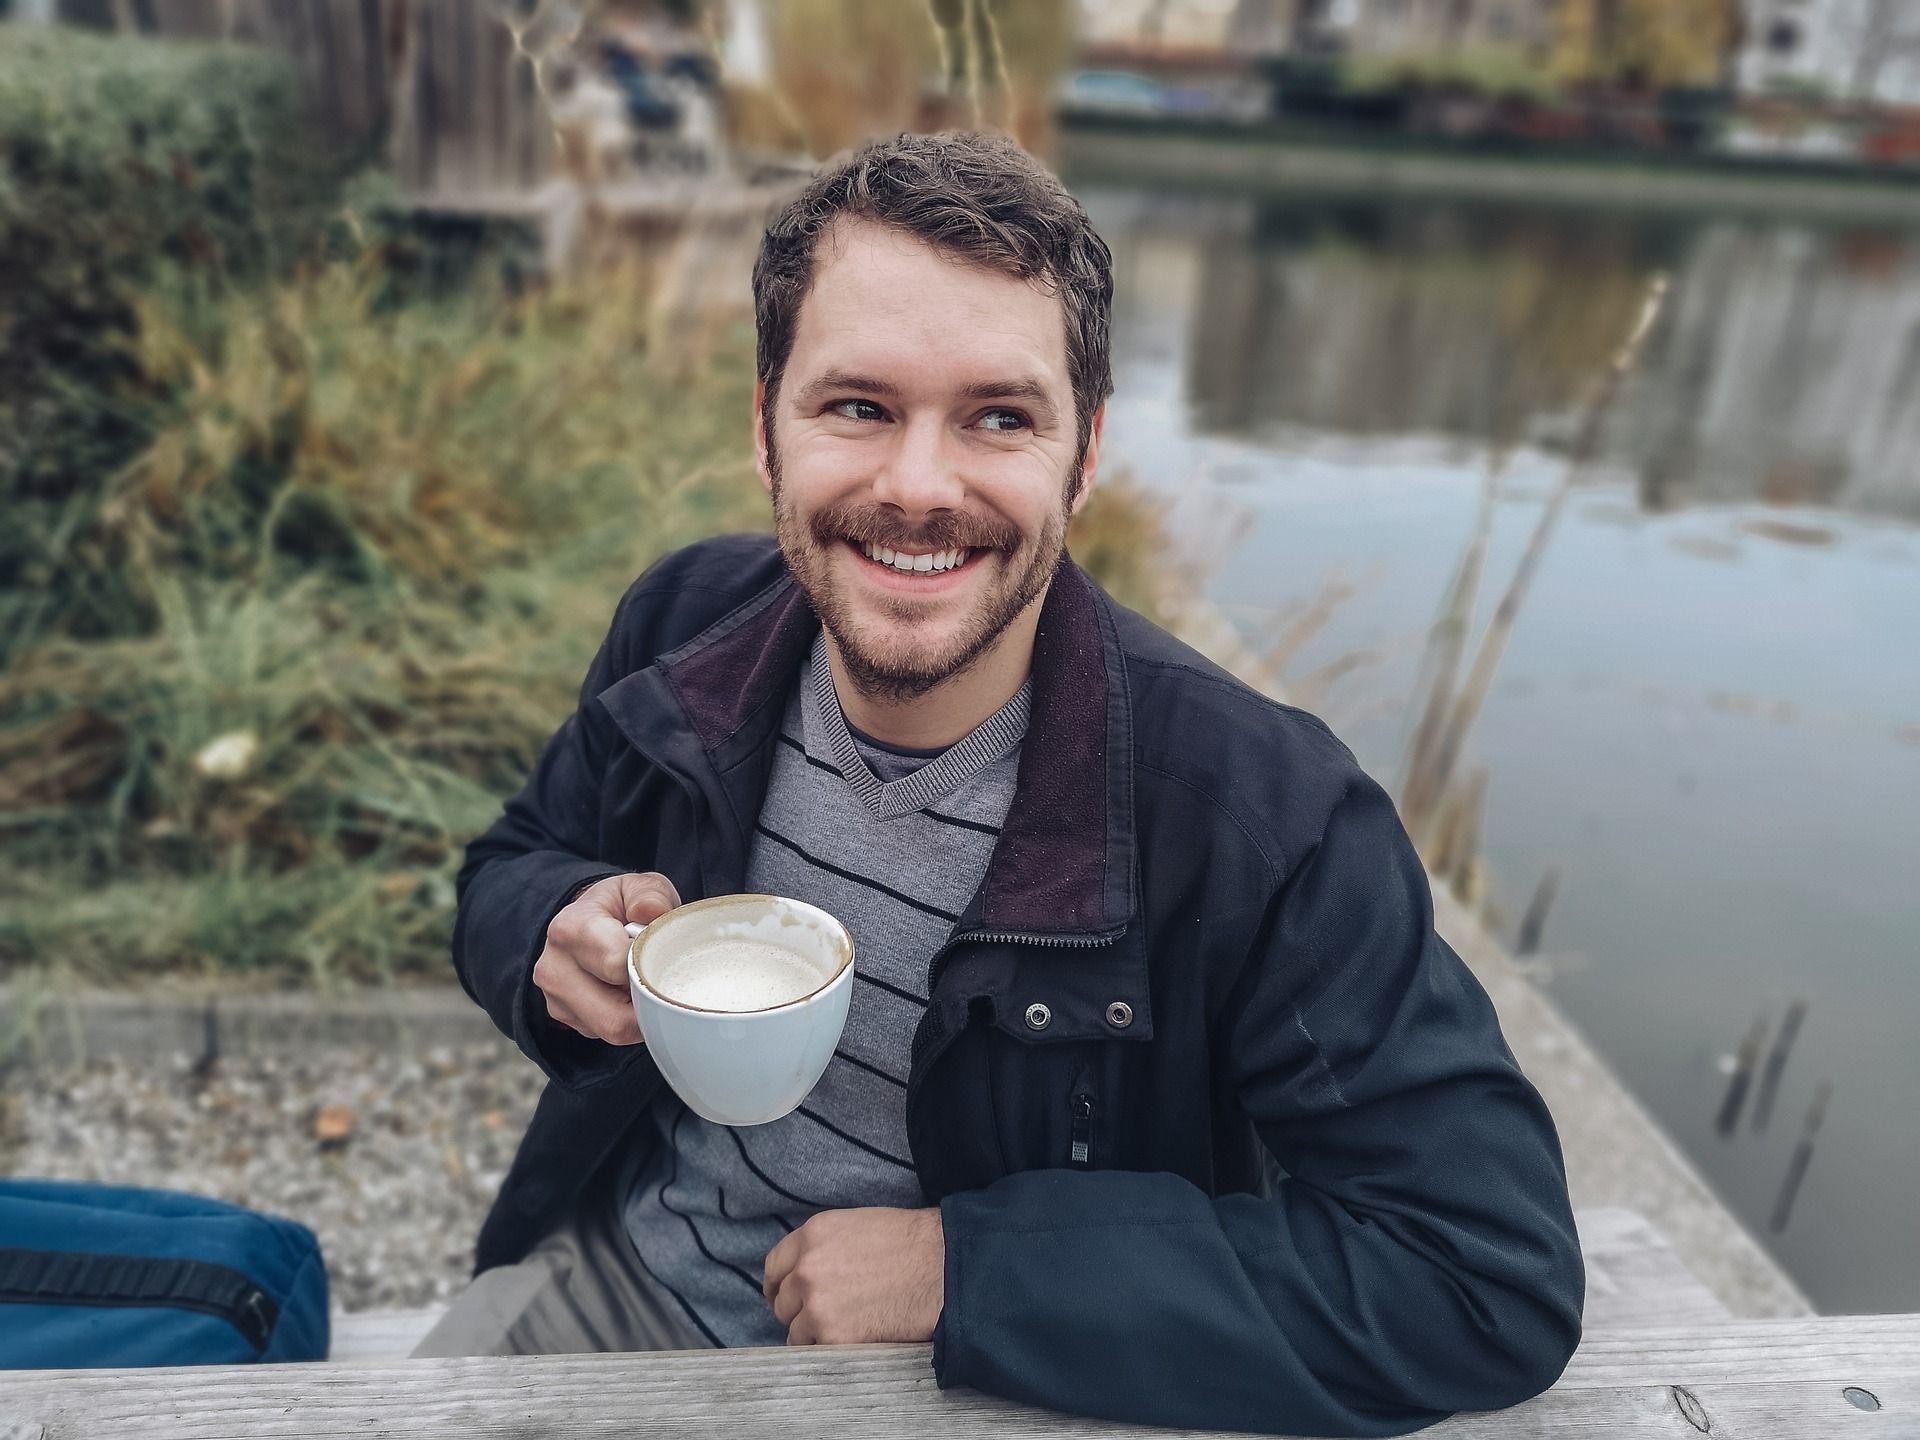 Hombre bebiendo café con alineadores invisibles invisalin. ¿se puede beber con invisalign?